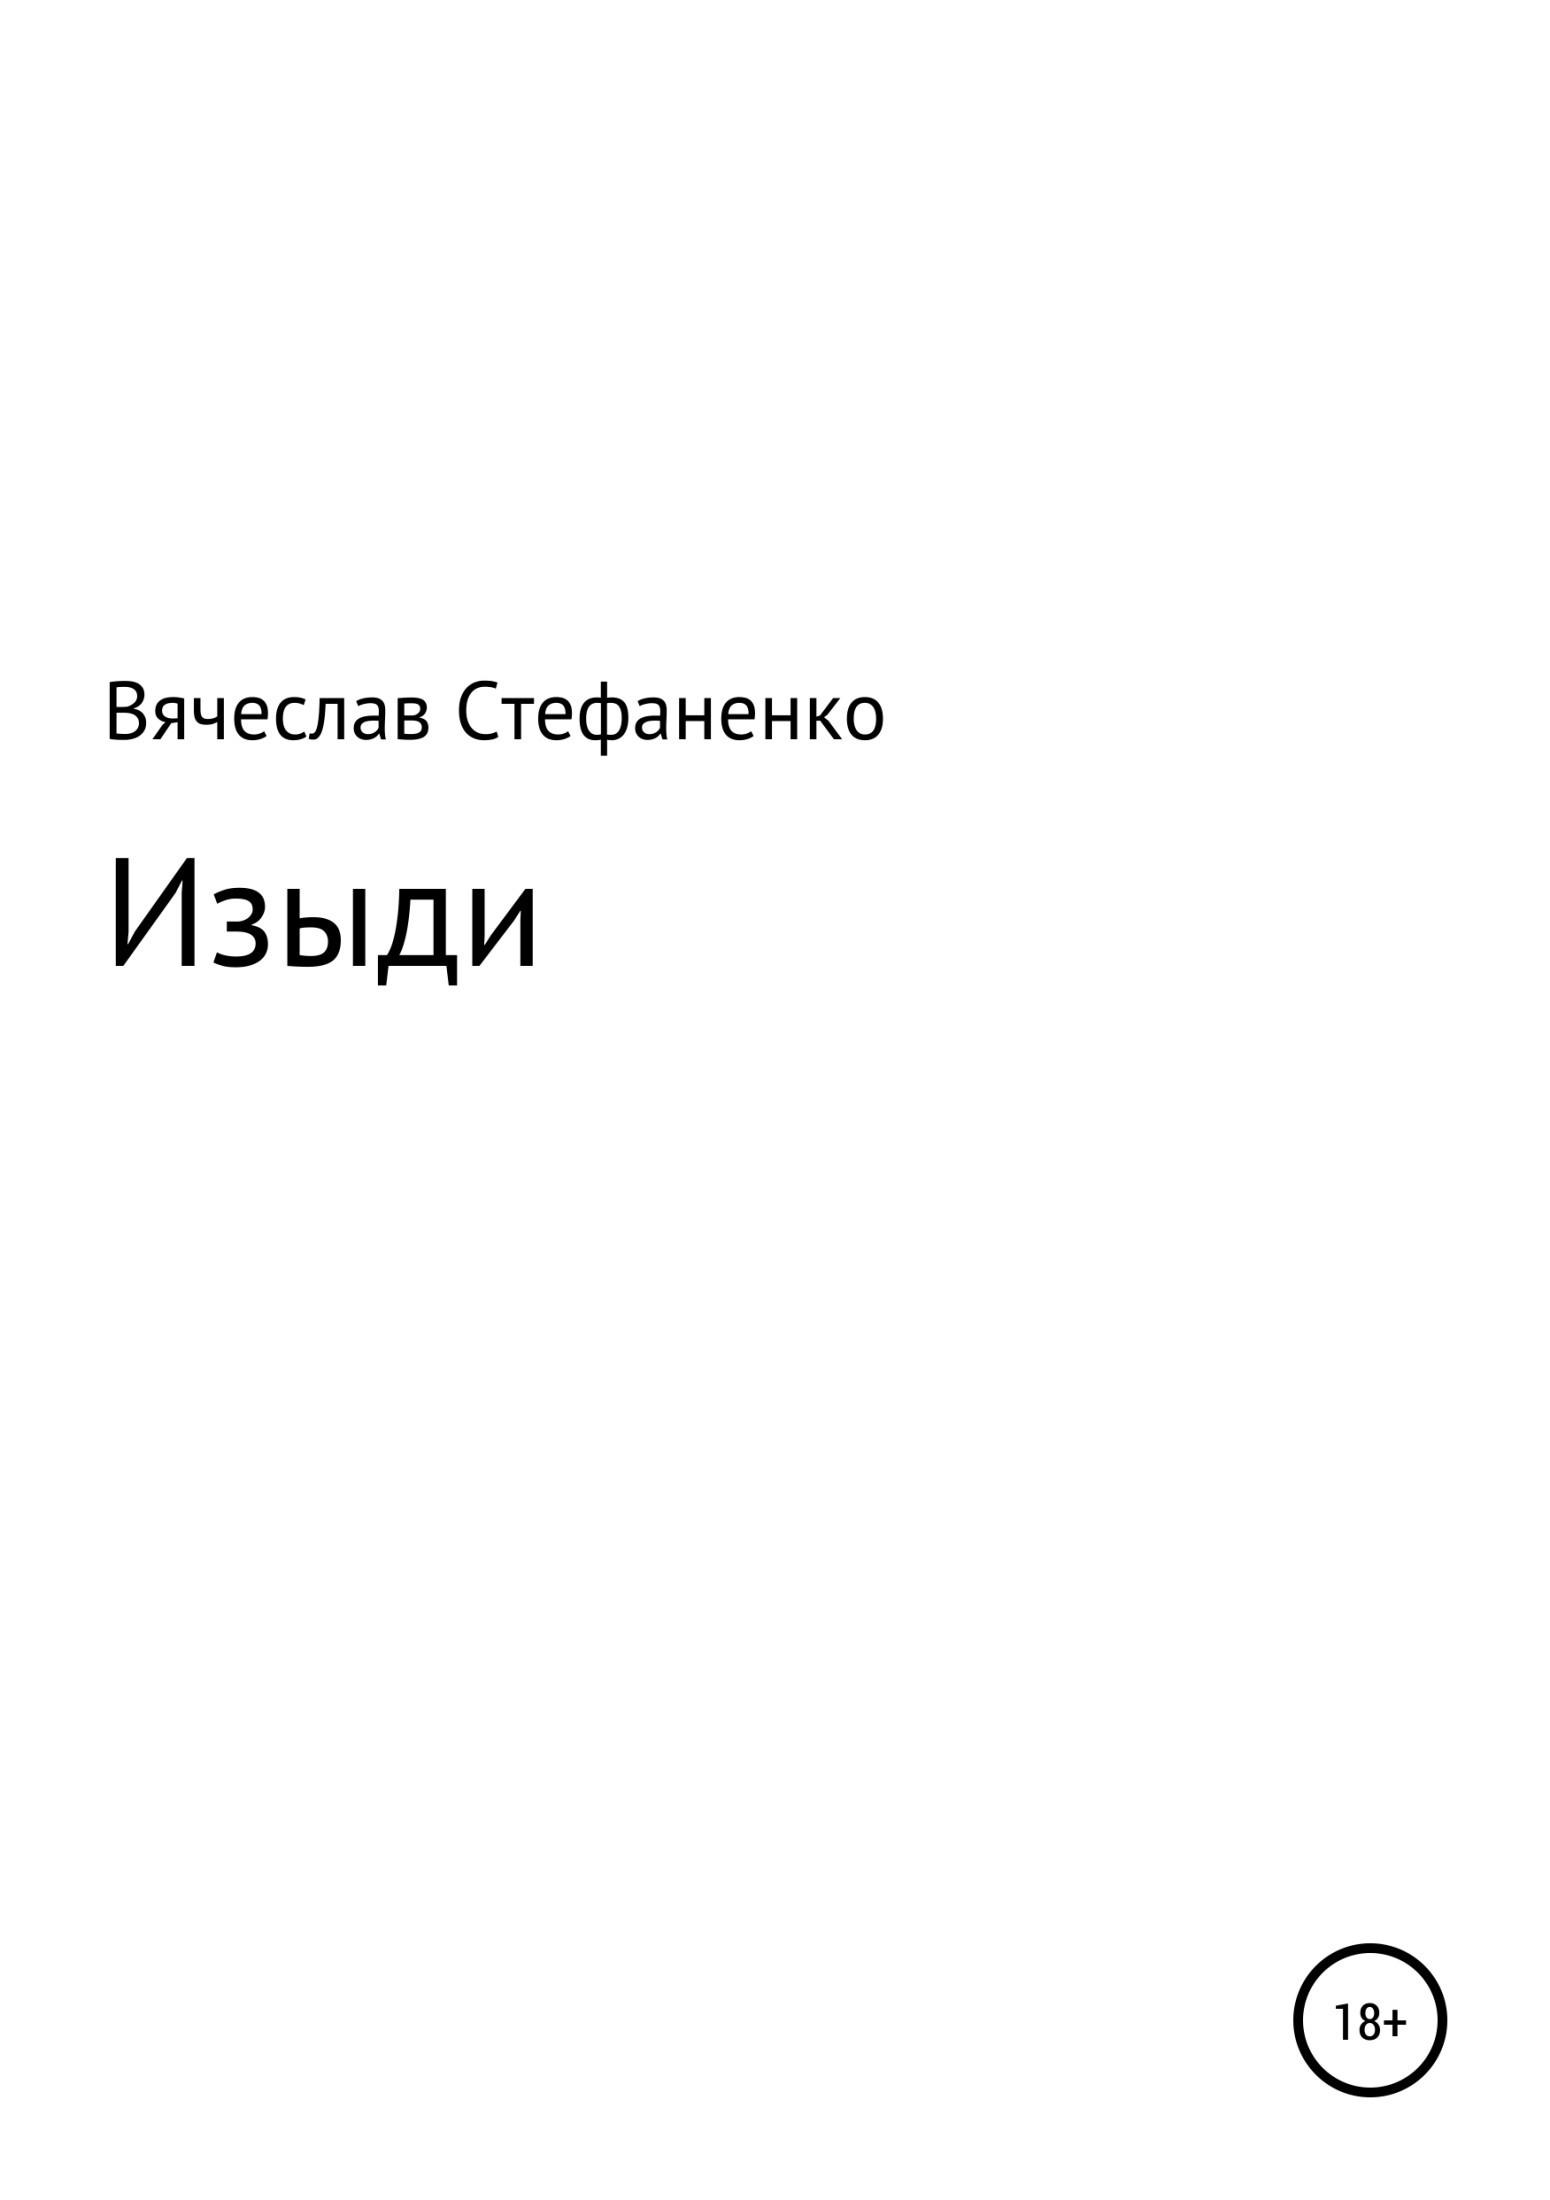 Книга Изыди, автор: Вячеслав Владимирович Стефаненко